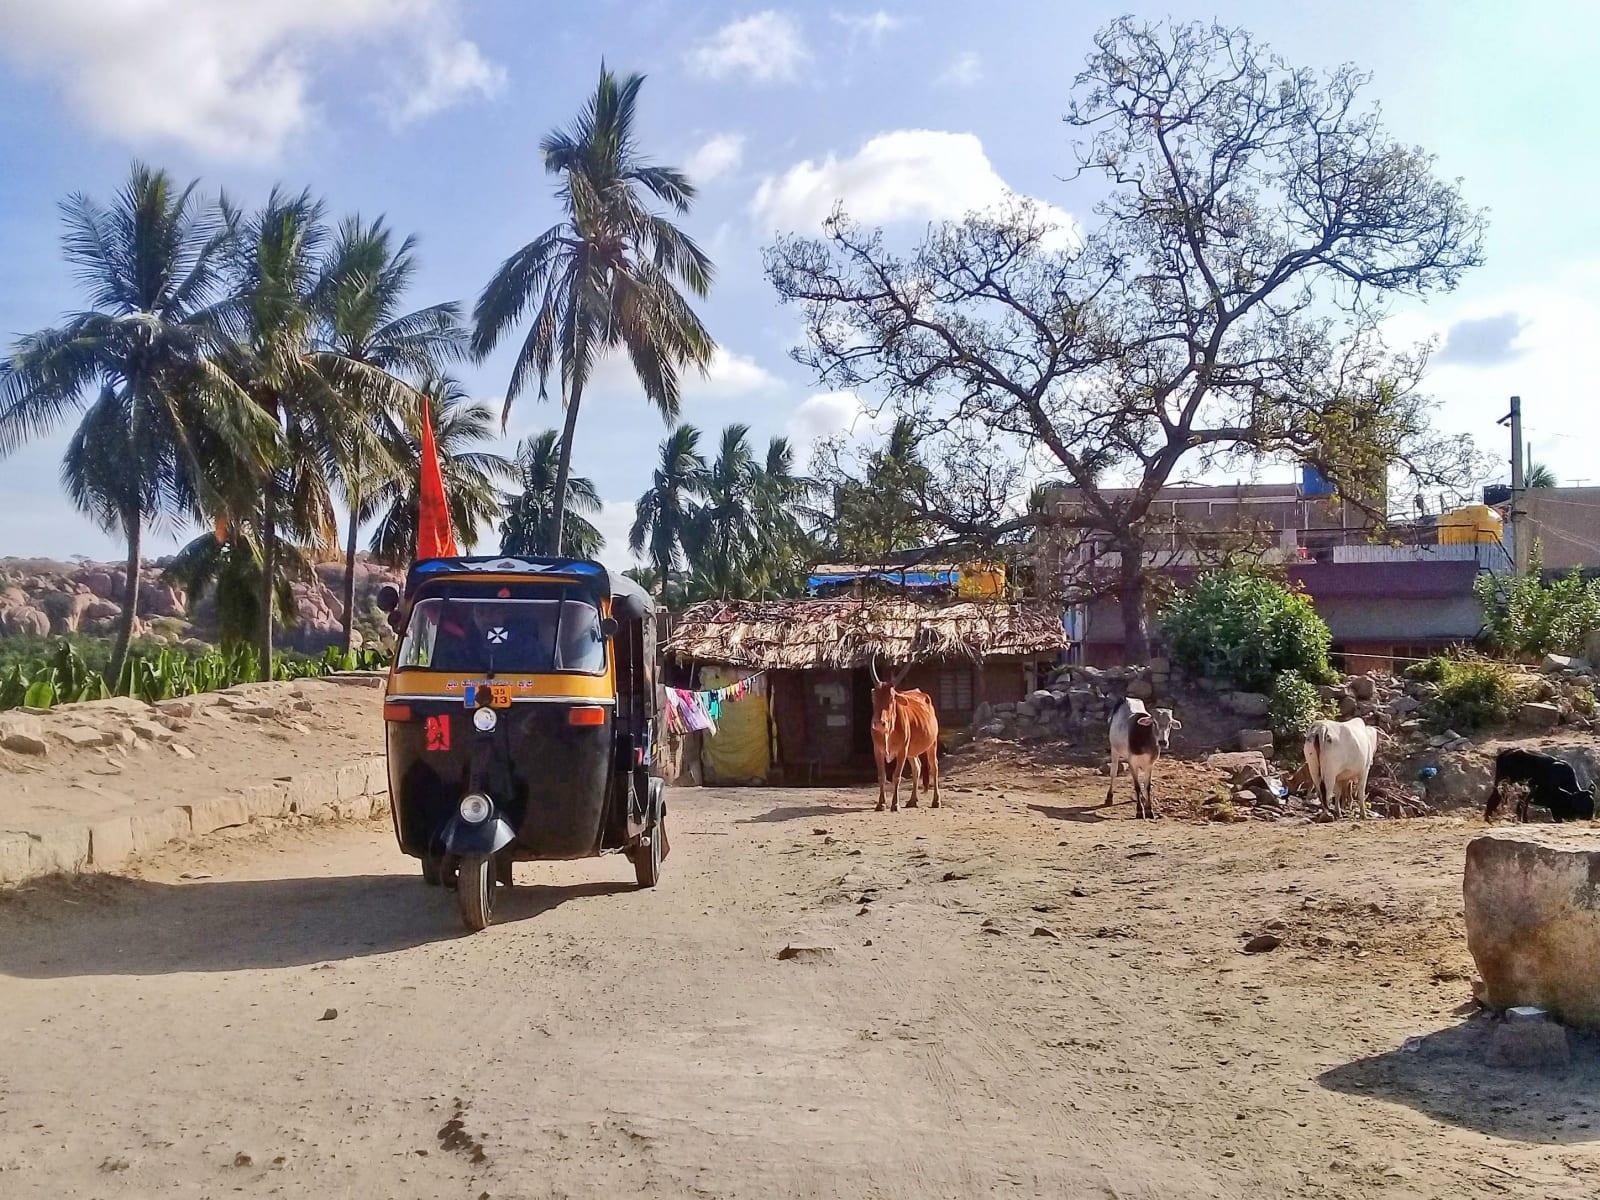 Scenérie z vesnice Hampi, Indie.